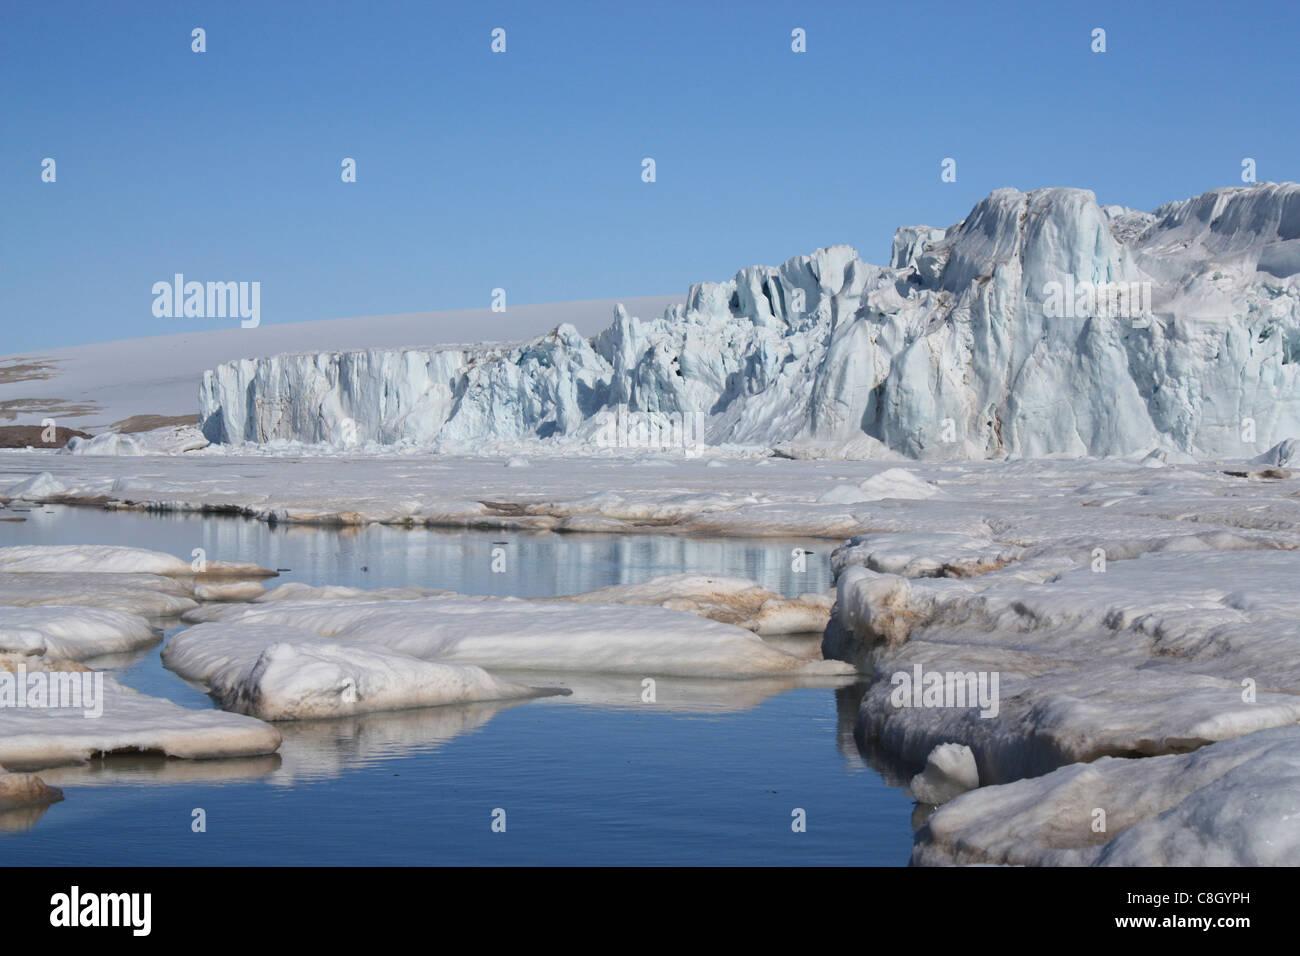 Svalbard, Spitsbergen, Arctic, Norway, Europe, polar region, ice, nature, landscape, island, isle, archipelago, - Stock Image